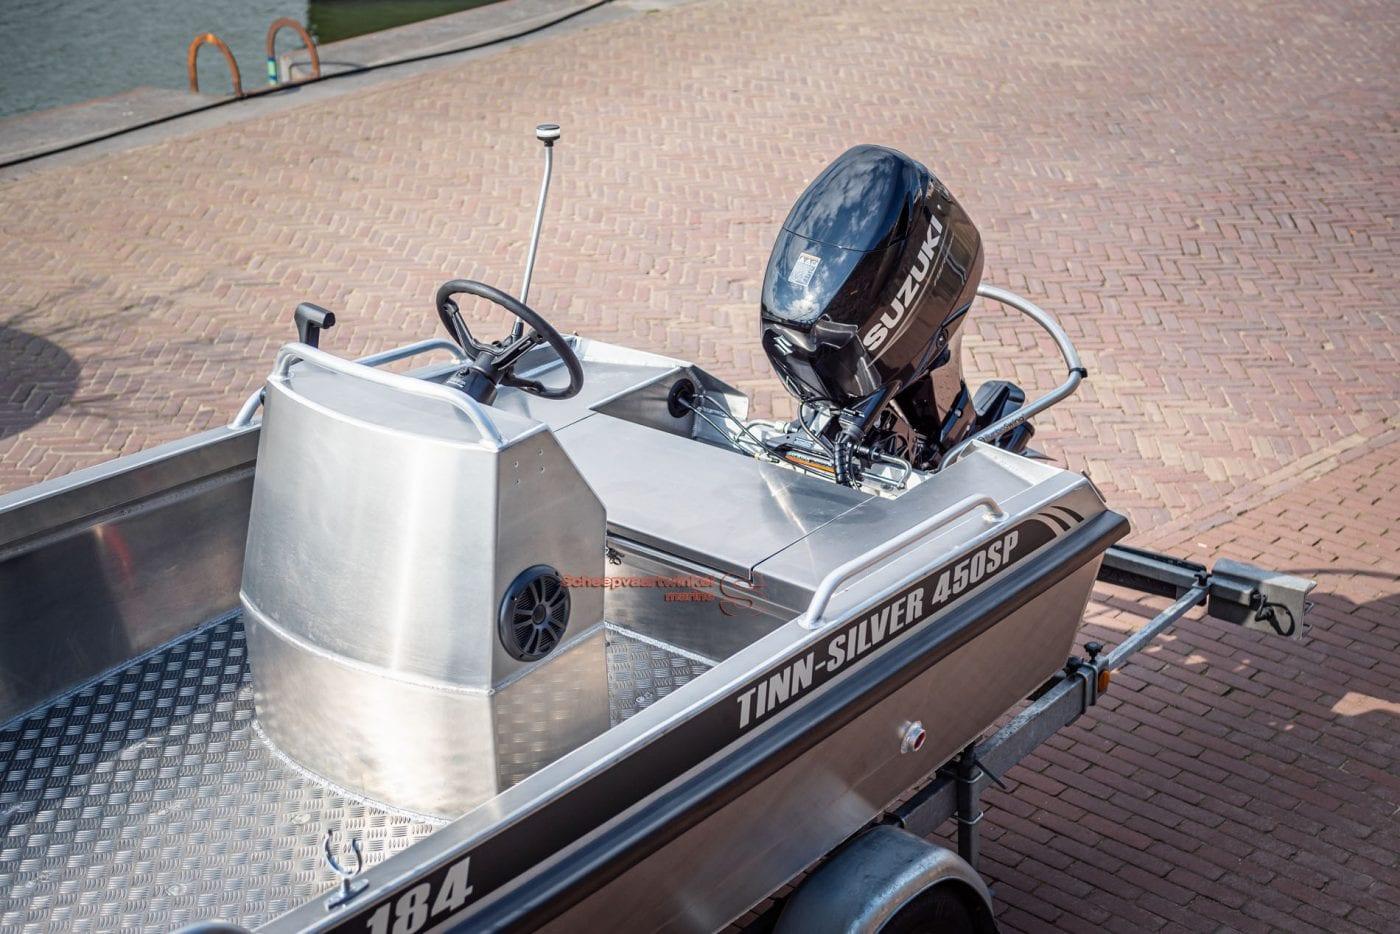 Tinn-Silver 450 Sport